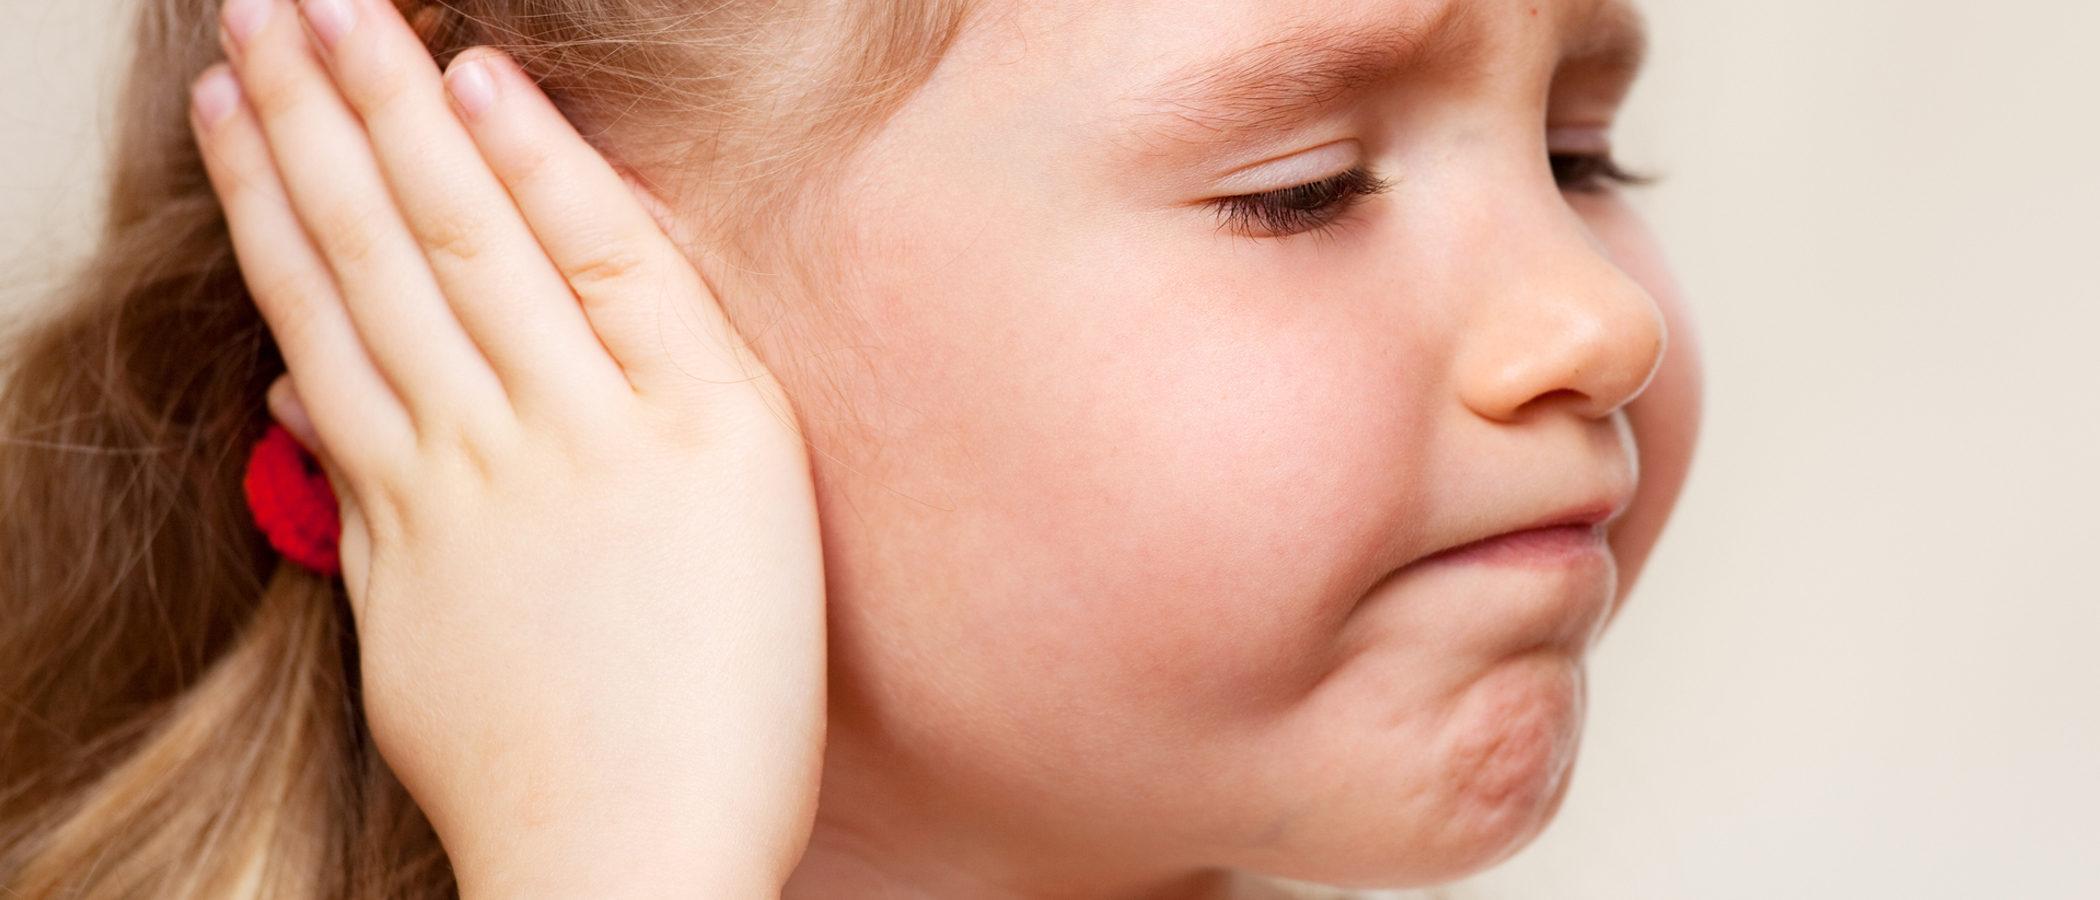 La otitis o infección de oído en niños